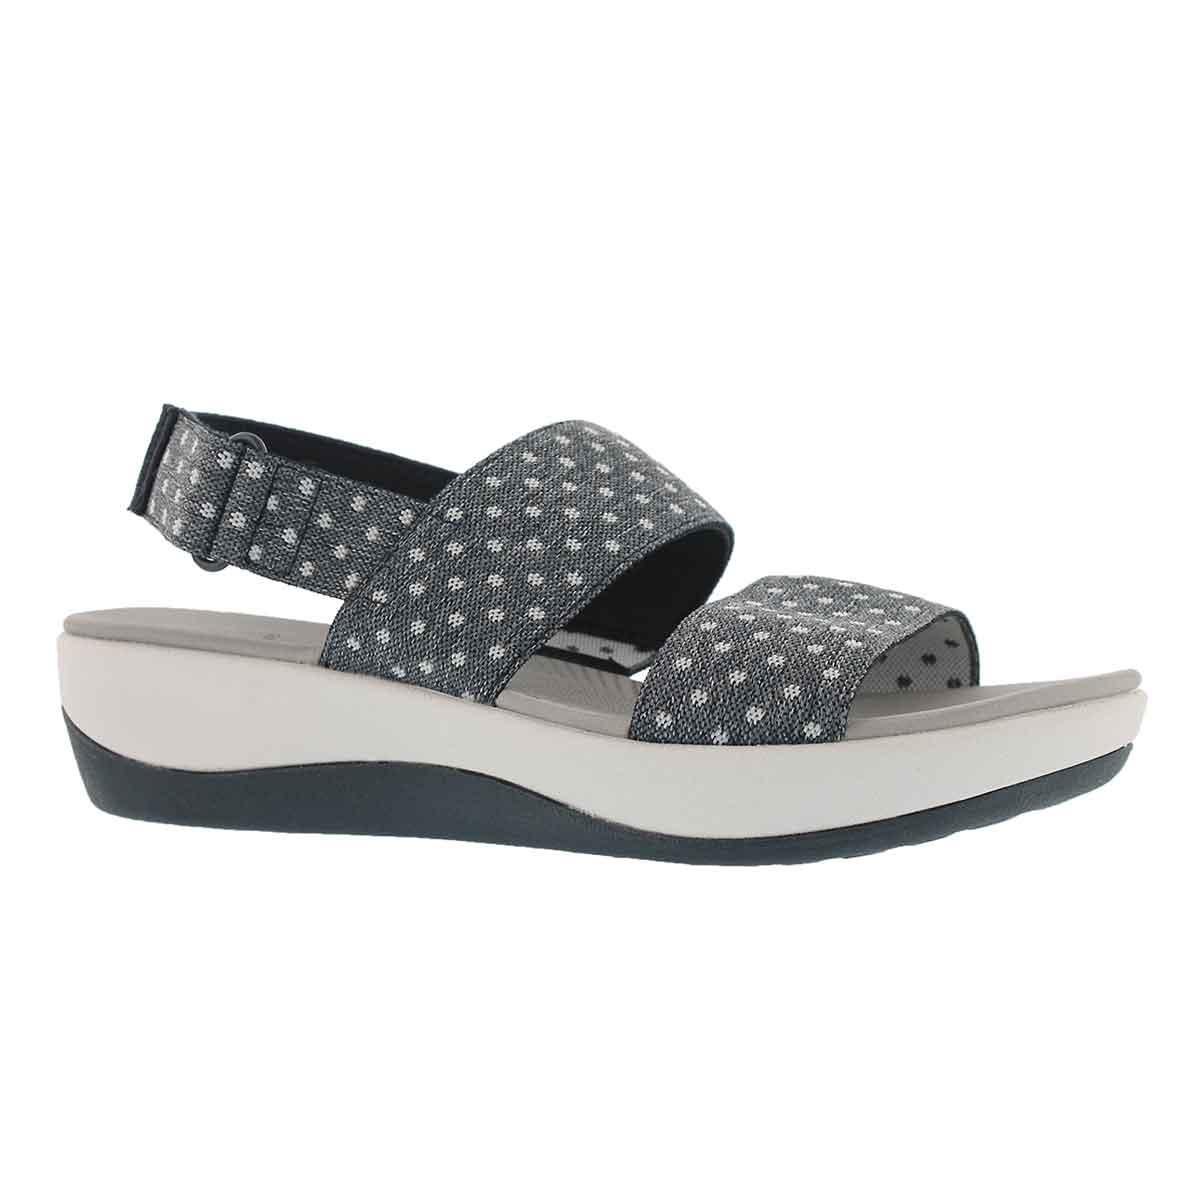 Women's ARLA JACORY navy/white dot wedge sandals